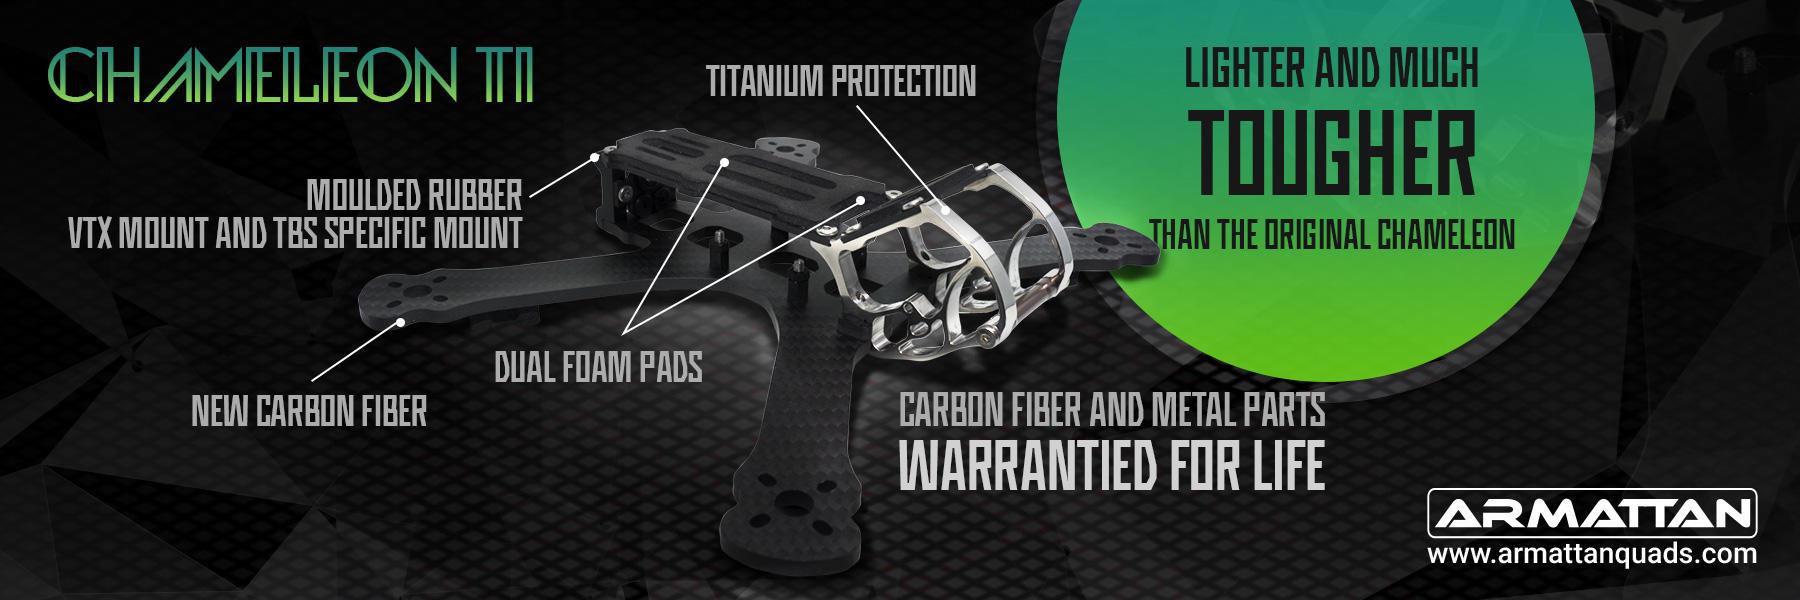 Armattan Chameleon TI Frame Kit